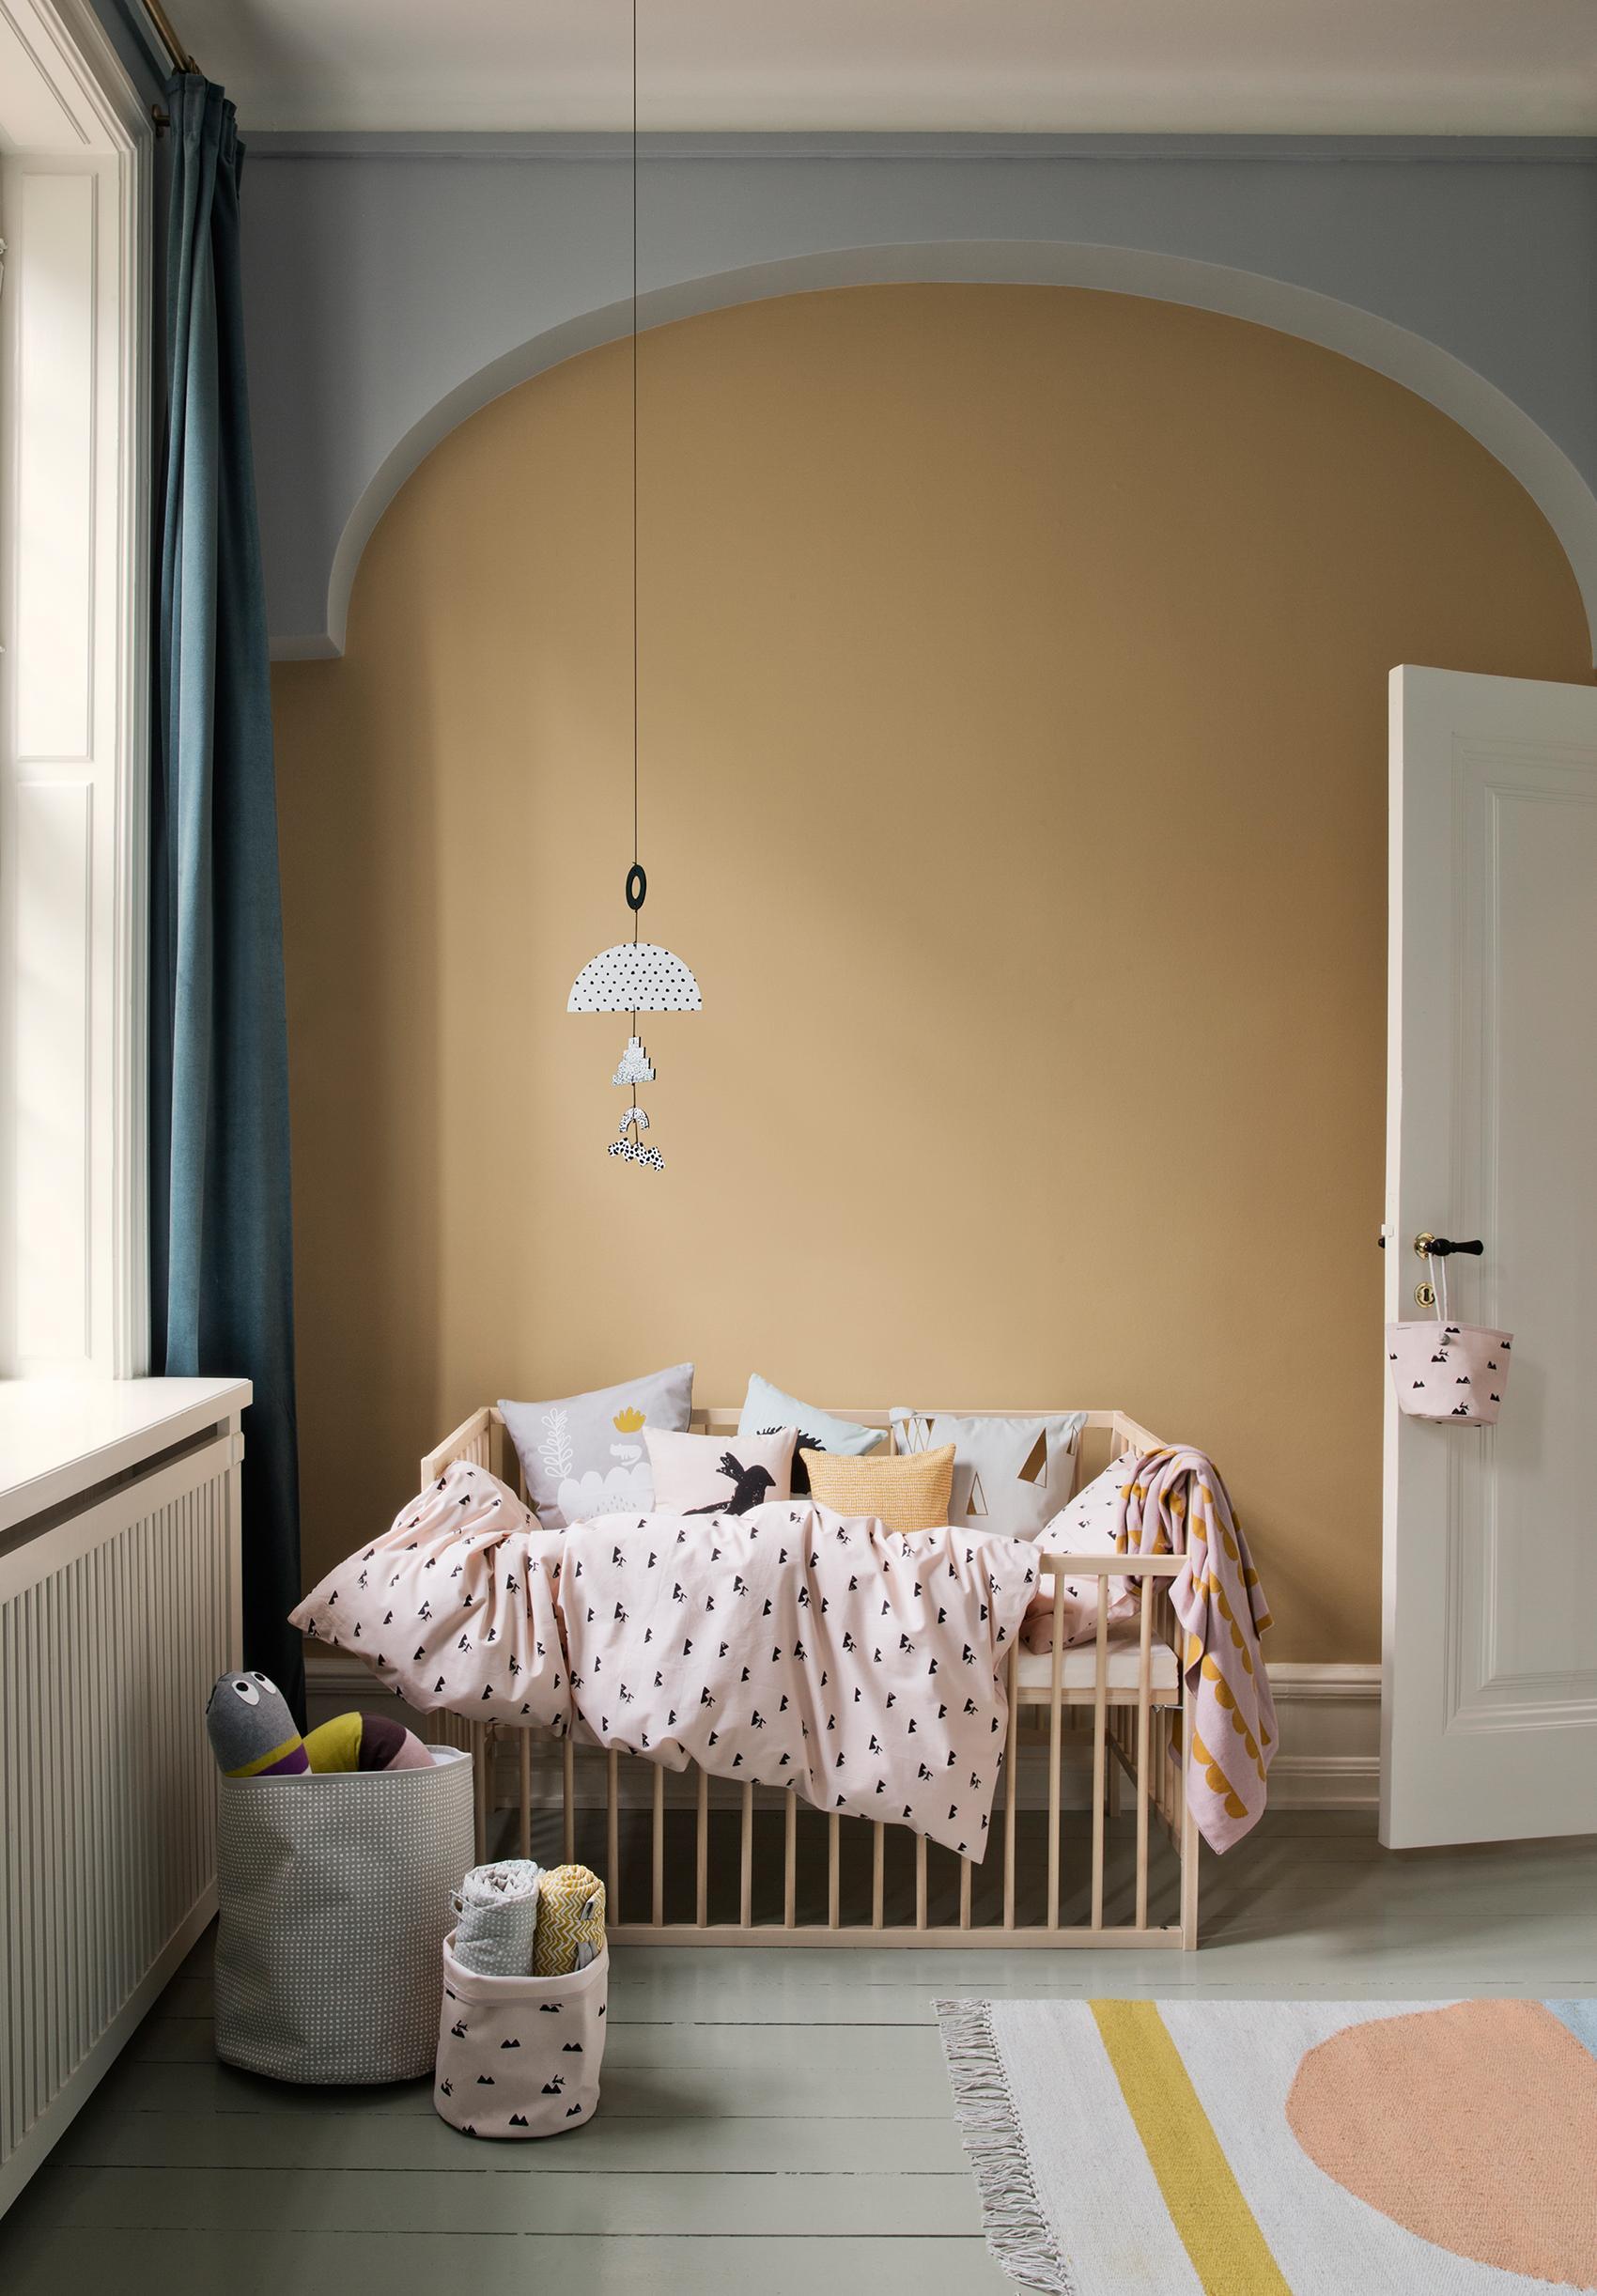 Kinderbett ikea mitwachsend  Babybett • Bilder & Ideen • COUCHstyle